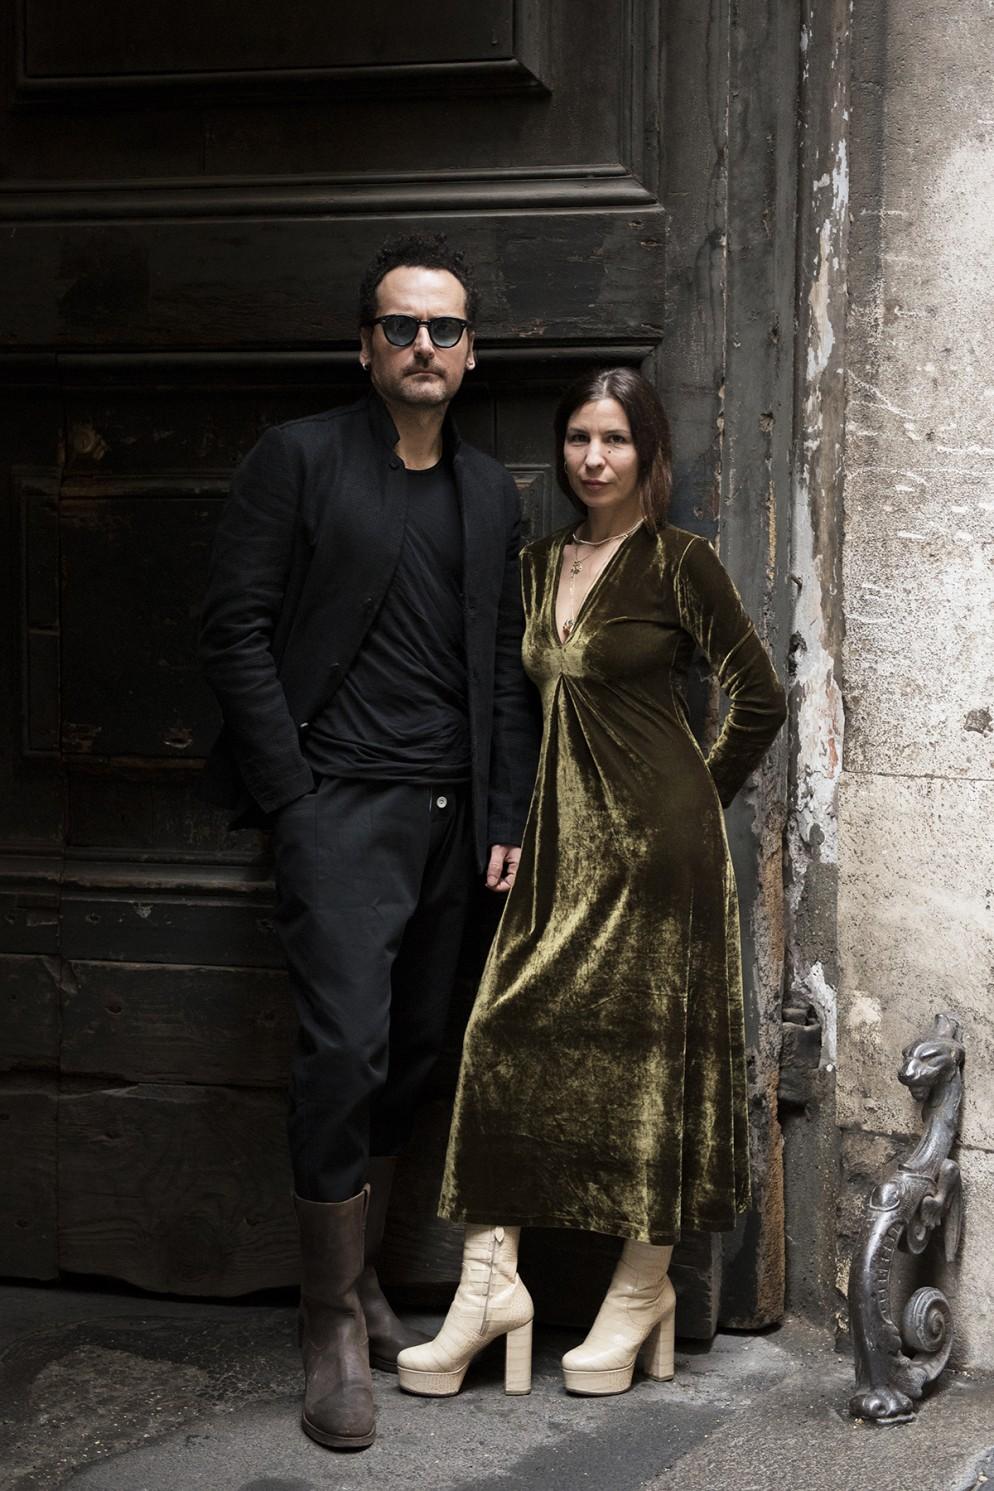 12_Giacomo Guidi and Giorgia Cerulli ©Paolo Abate